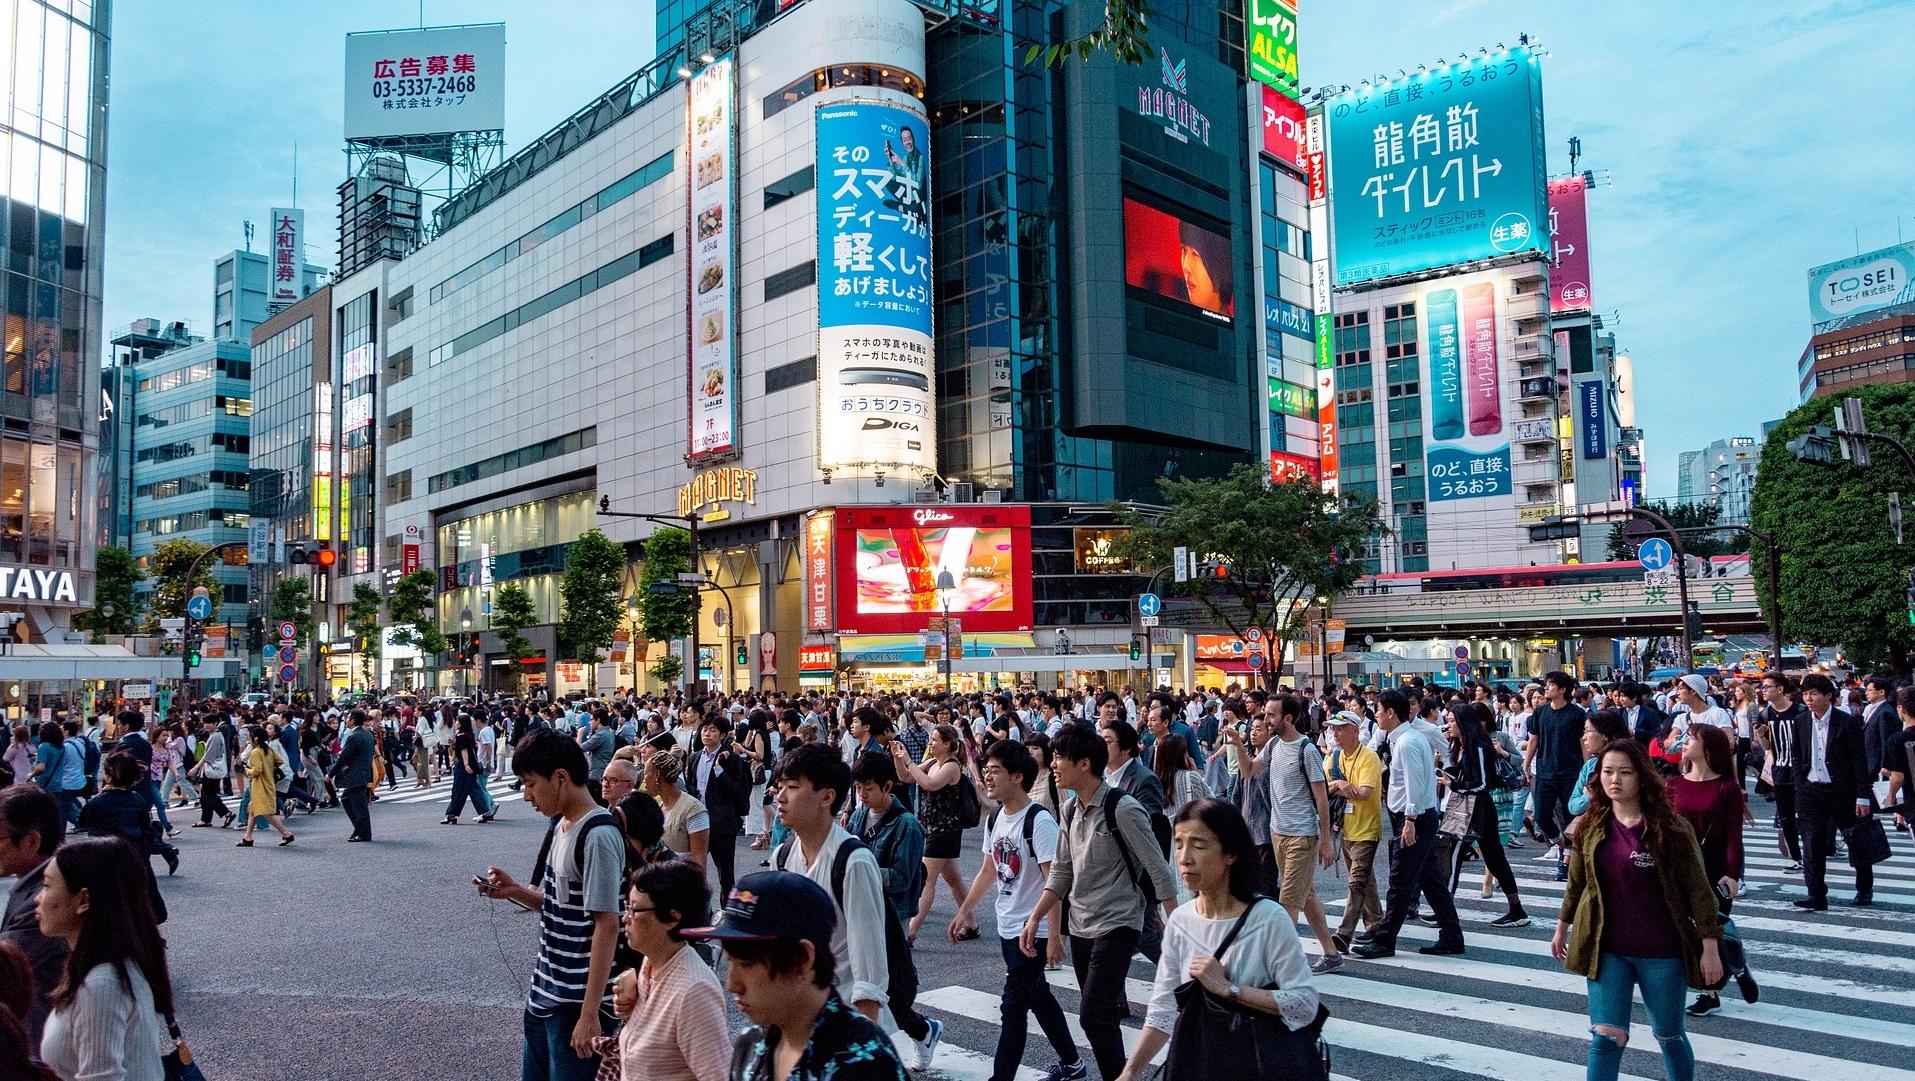 El éxito de la jornada reducida de Japón: ¿cuál es su clave?